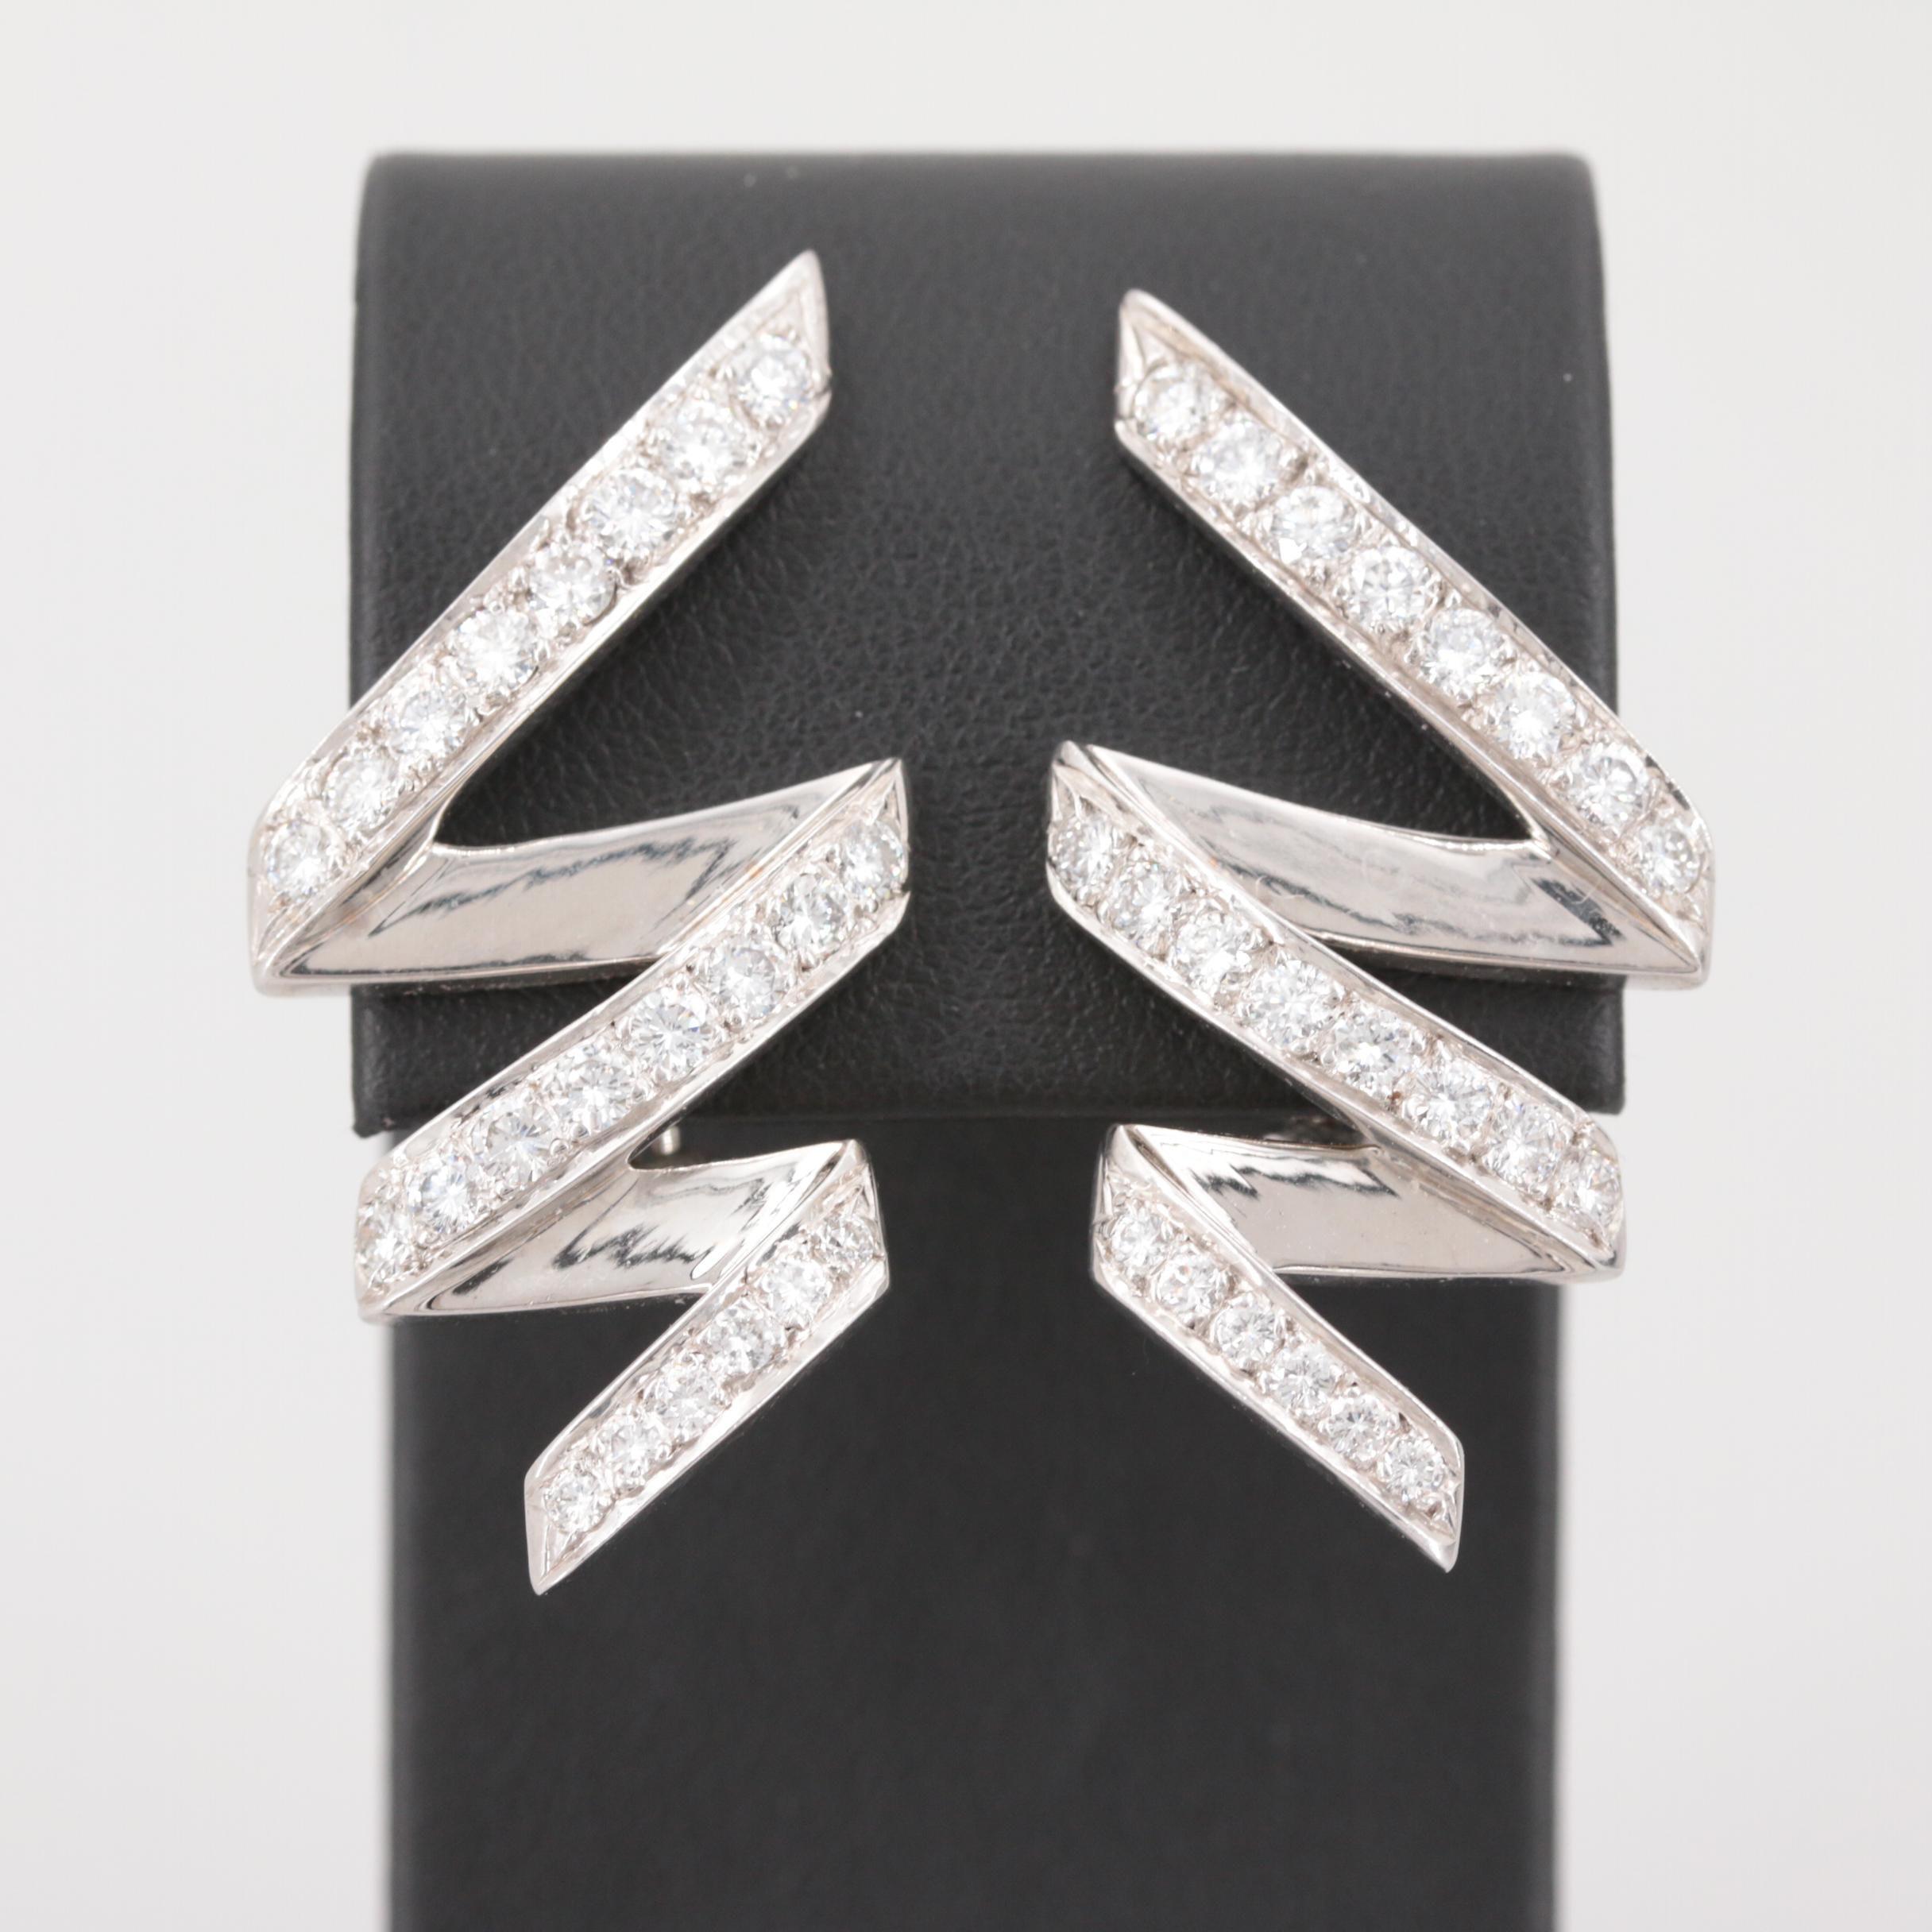 14K White Gold 2.52 CTW Diamond Earrings